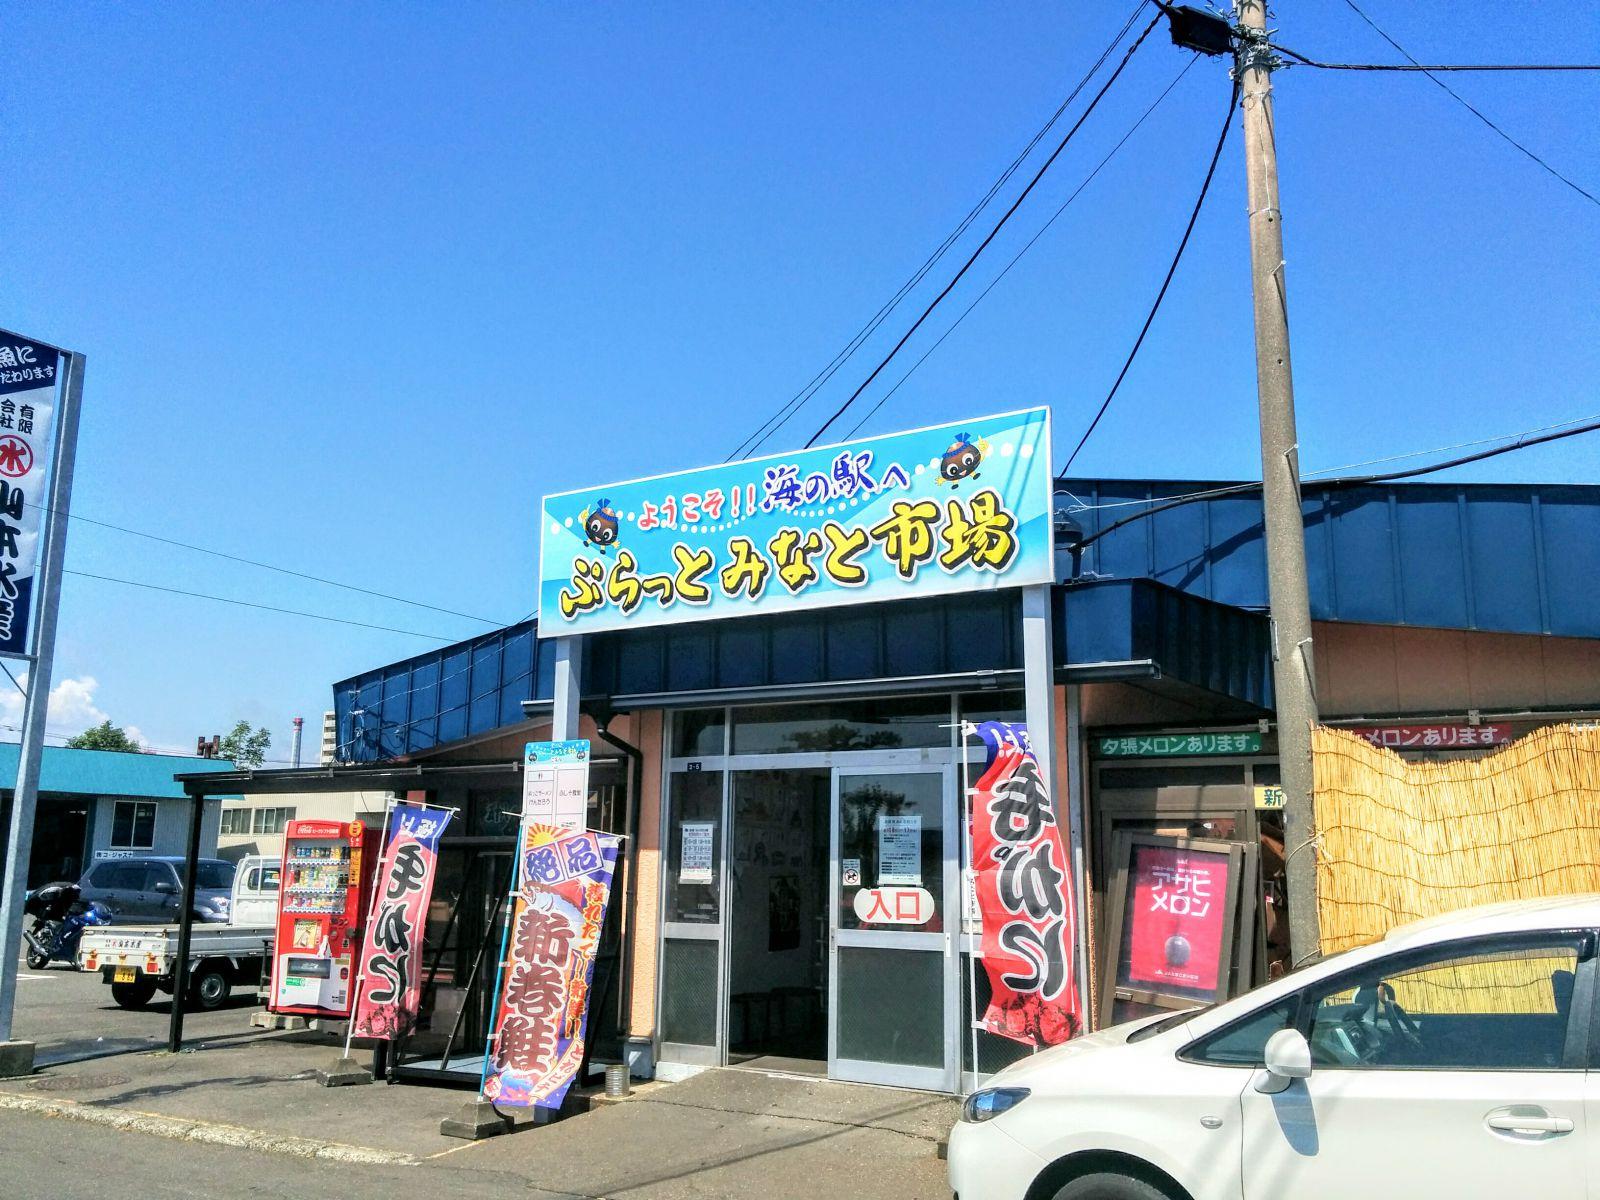 【苫小牧市】海の駅ぷらっとみなと市場観光案内です。